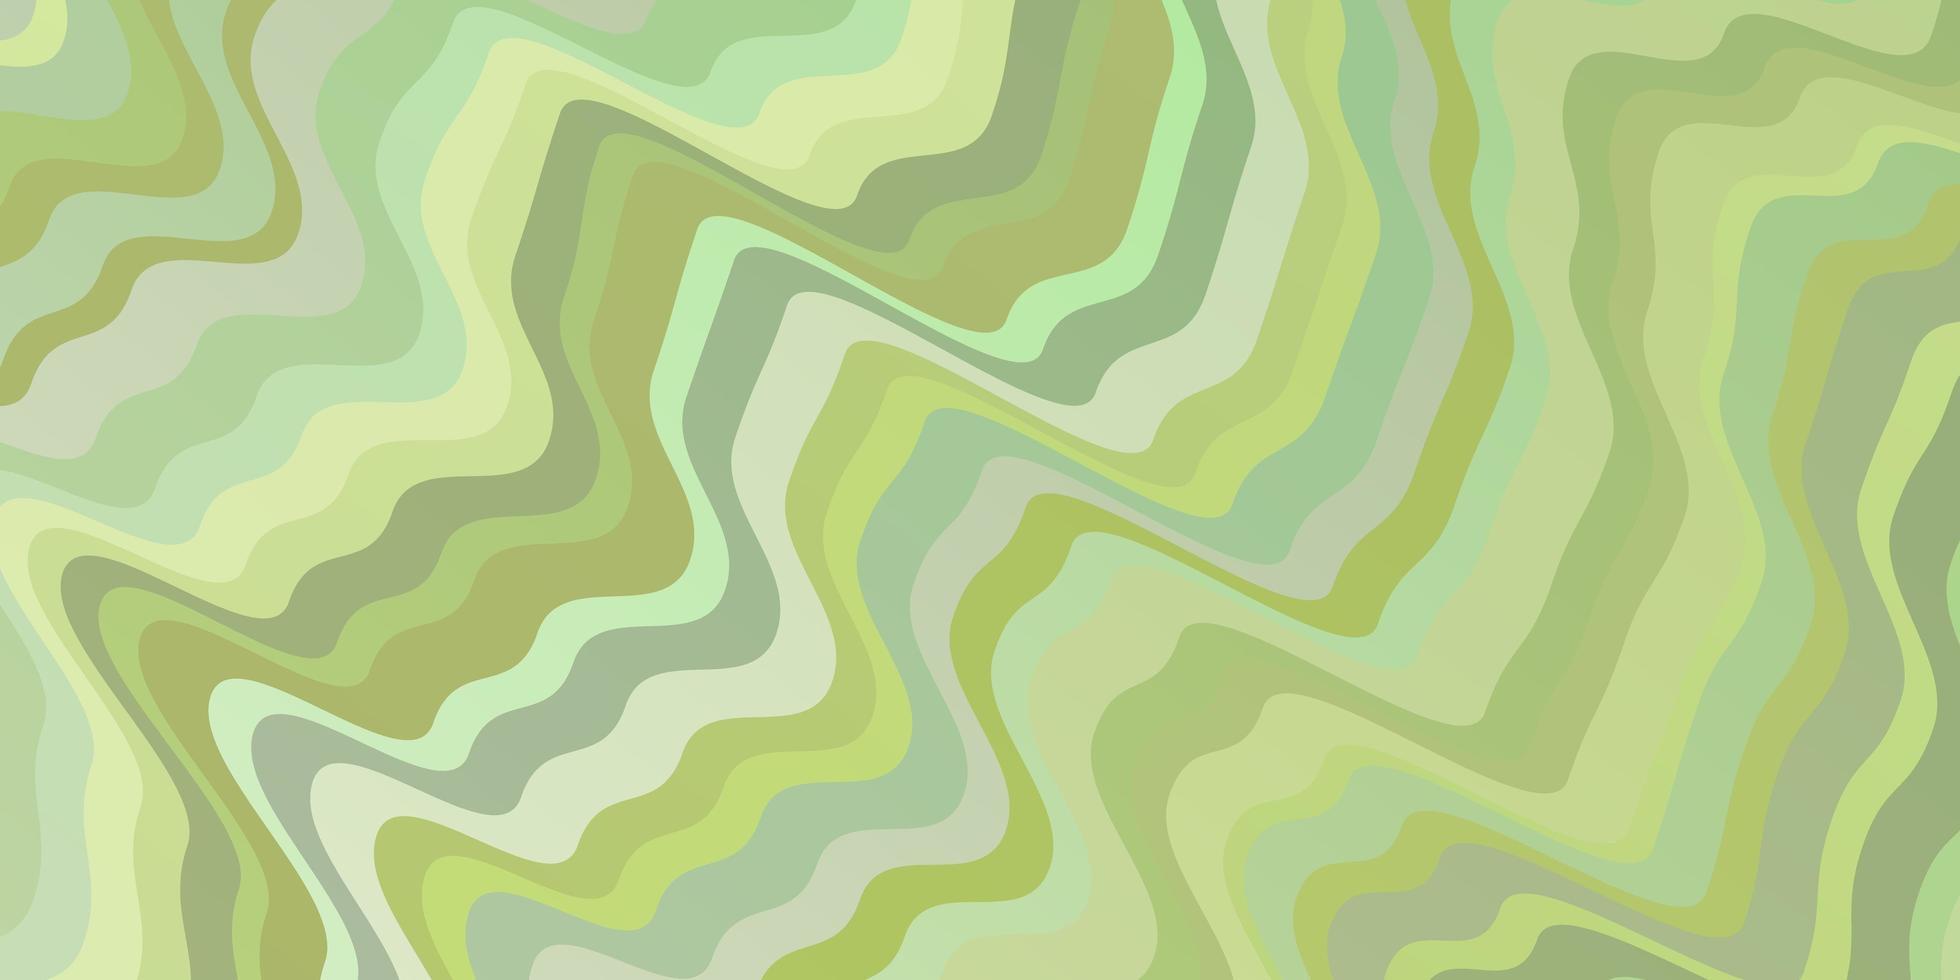 hellgrüne Vektorbeschaffenheit mit trockenen Linien vektor